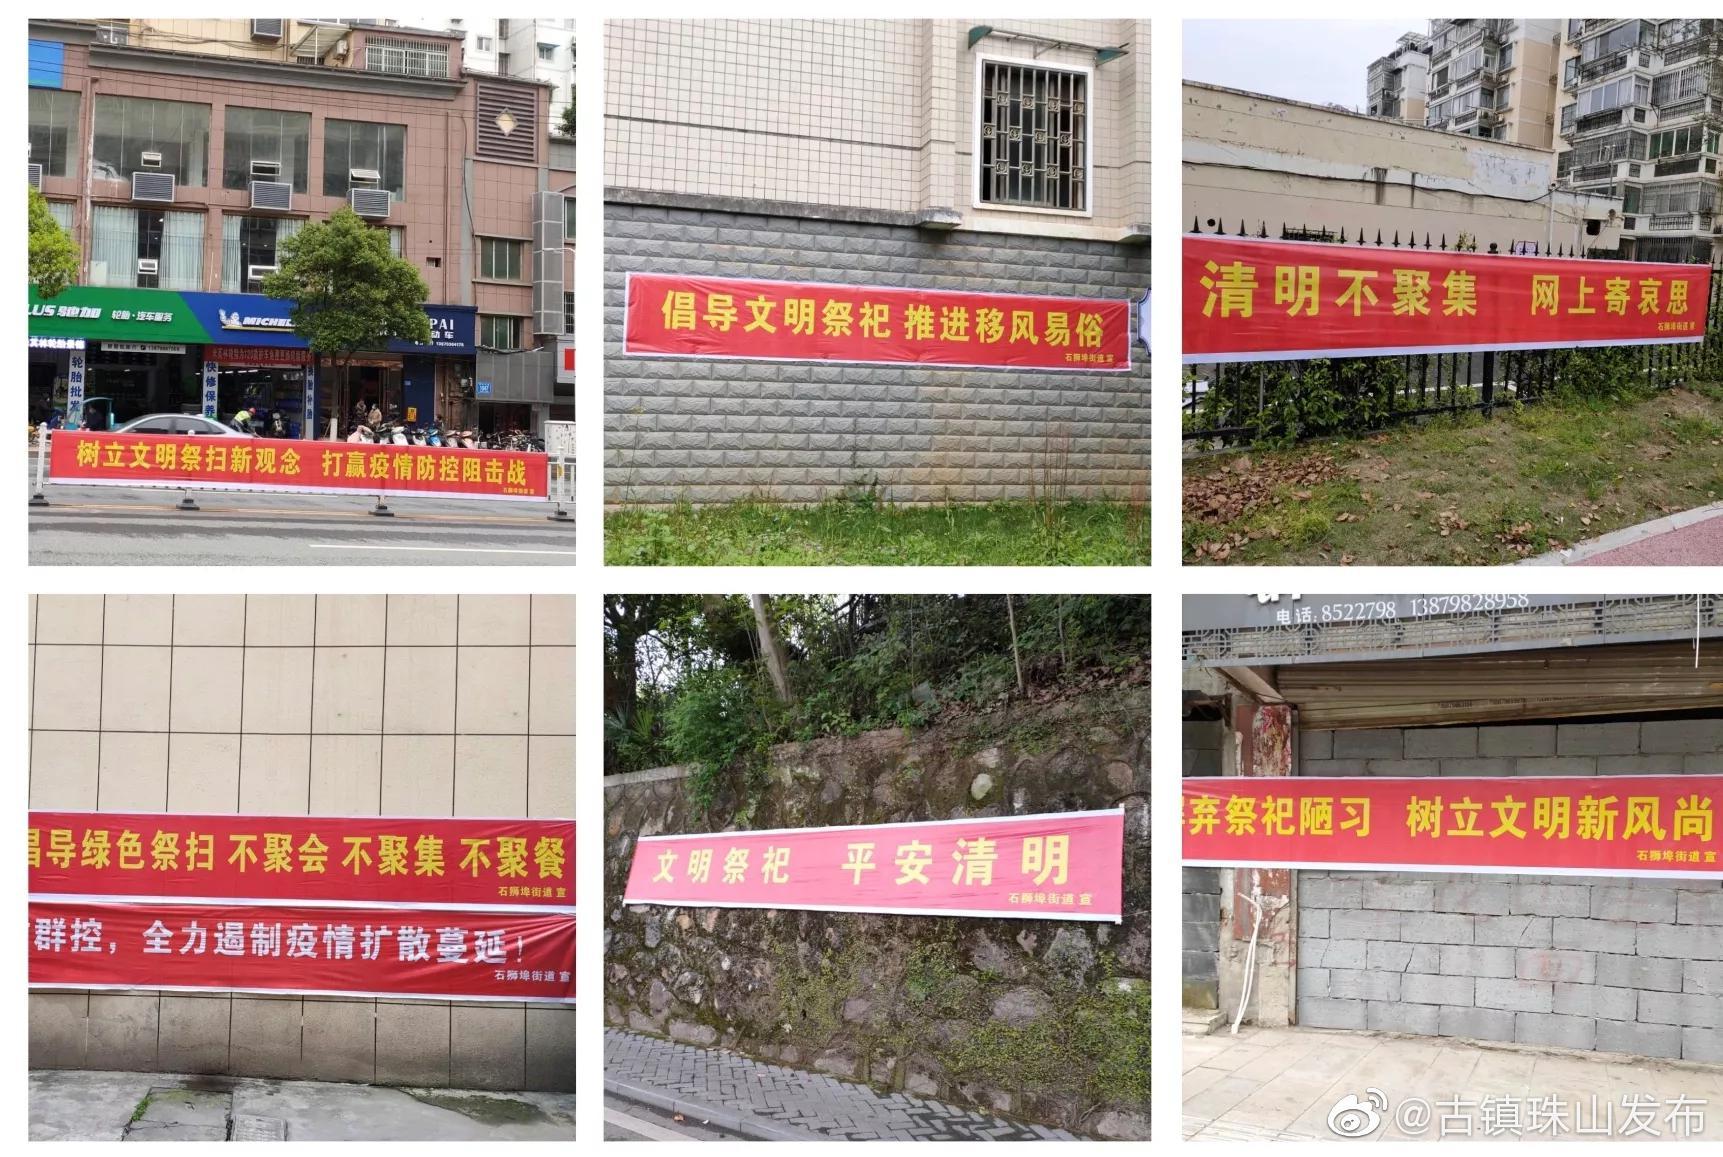 """珠山区石狮埠街道多措并举开展""""绿色清明""""宣传活动"""